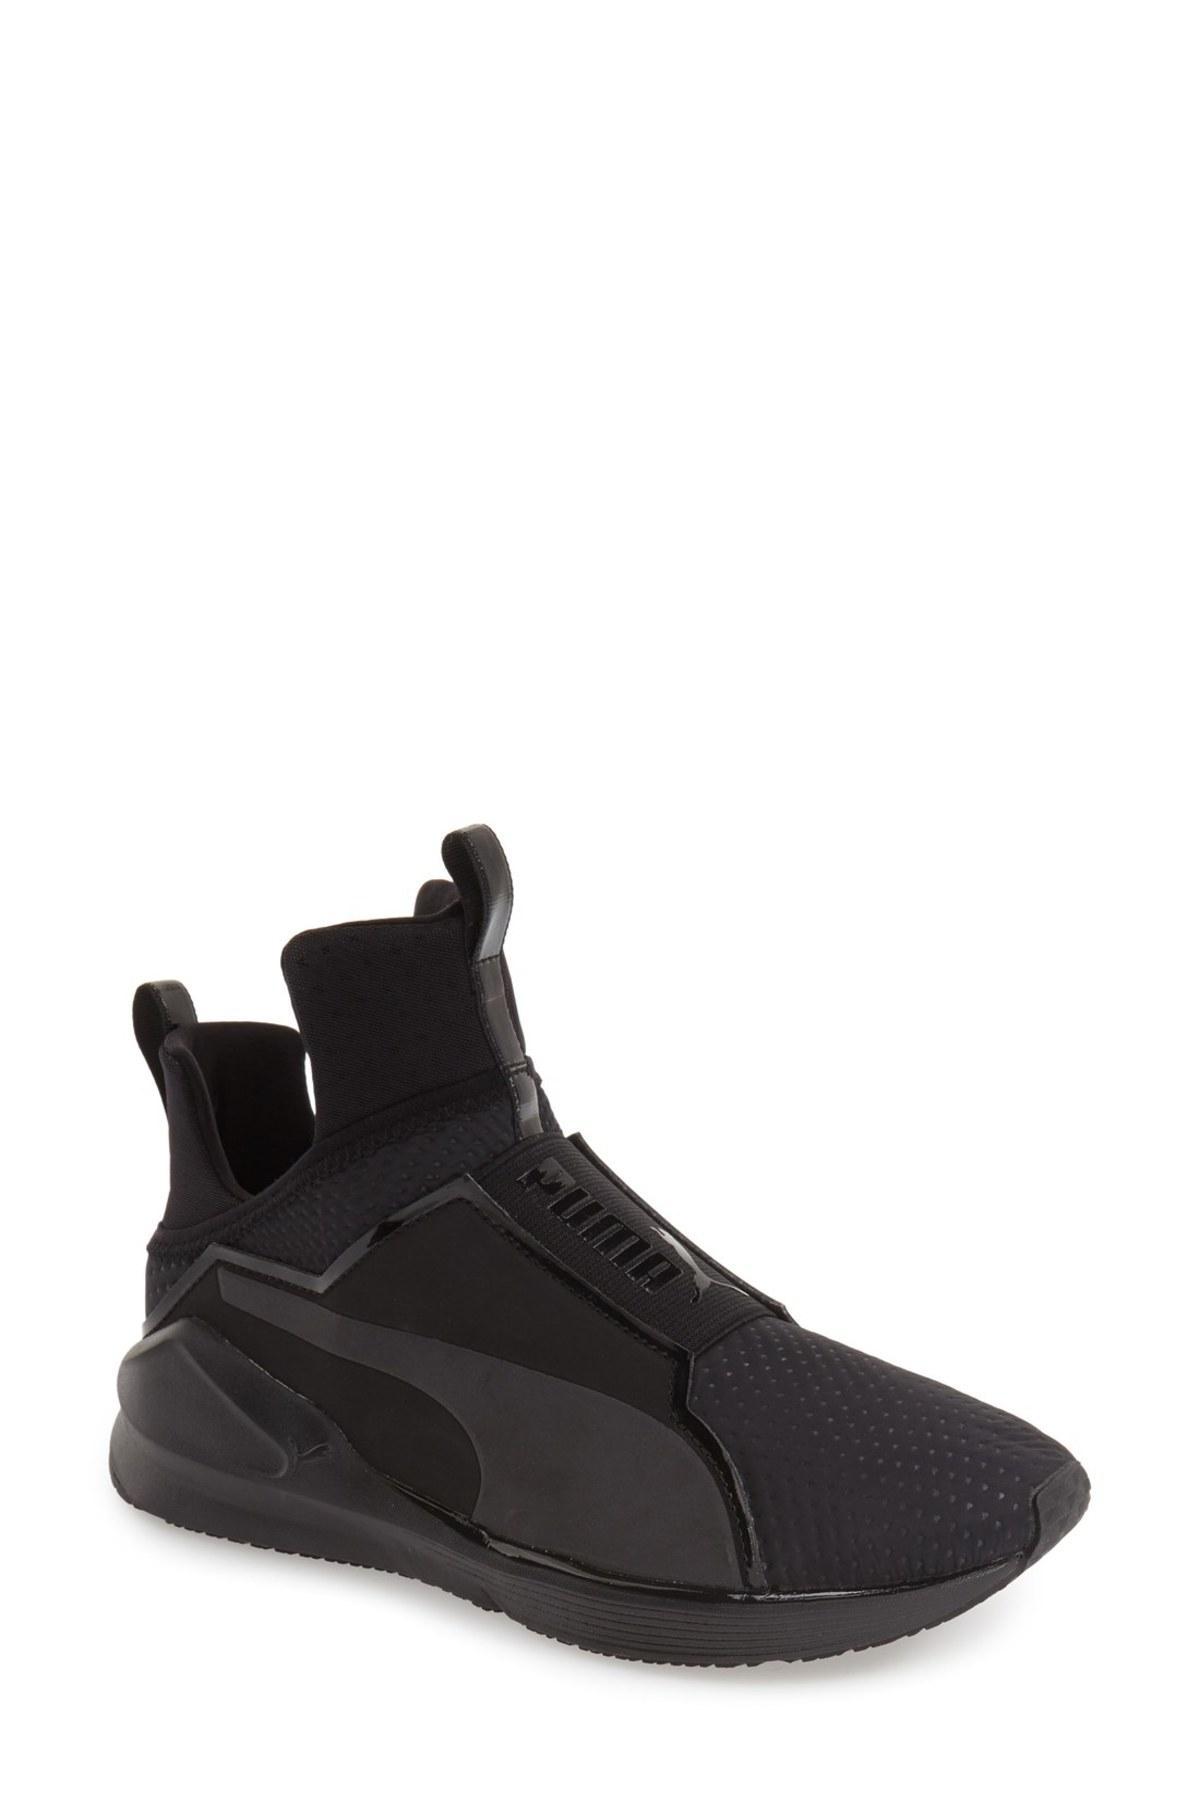 puma fierce high top sneaker in black for men lyst